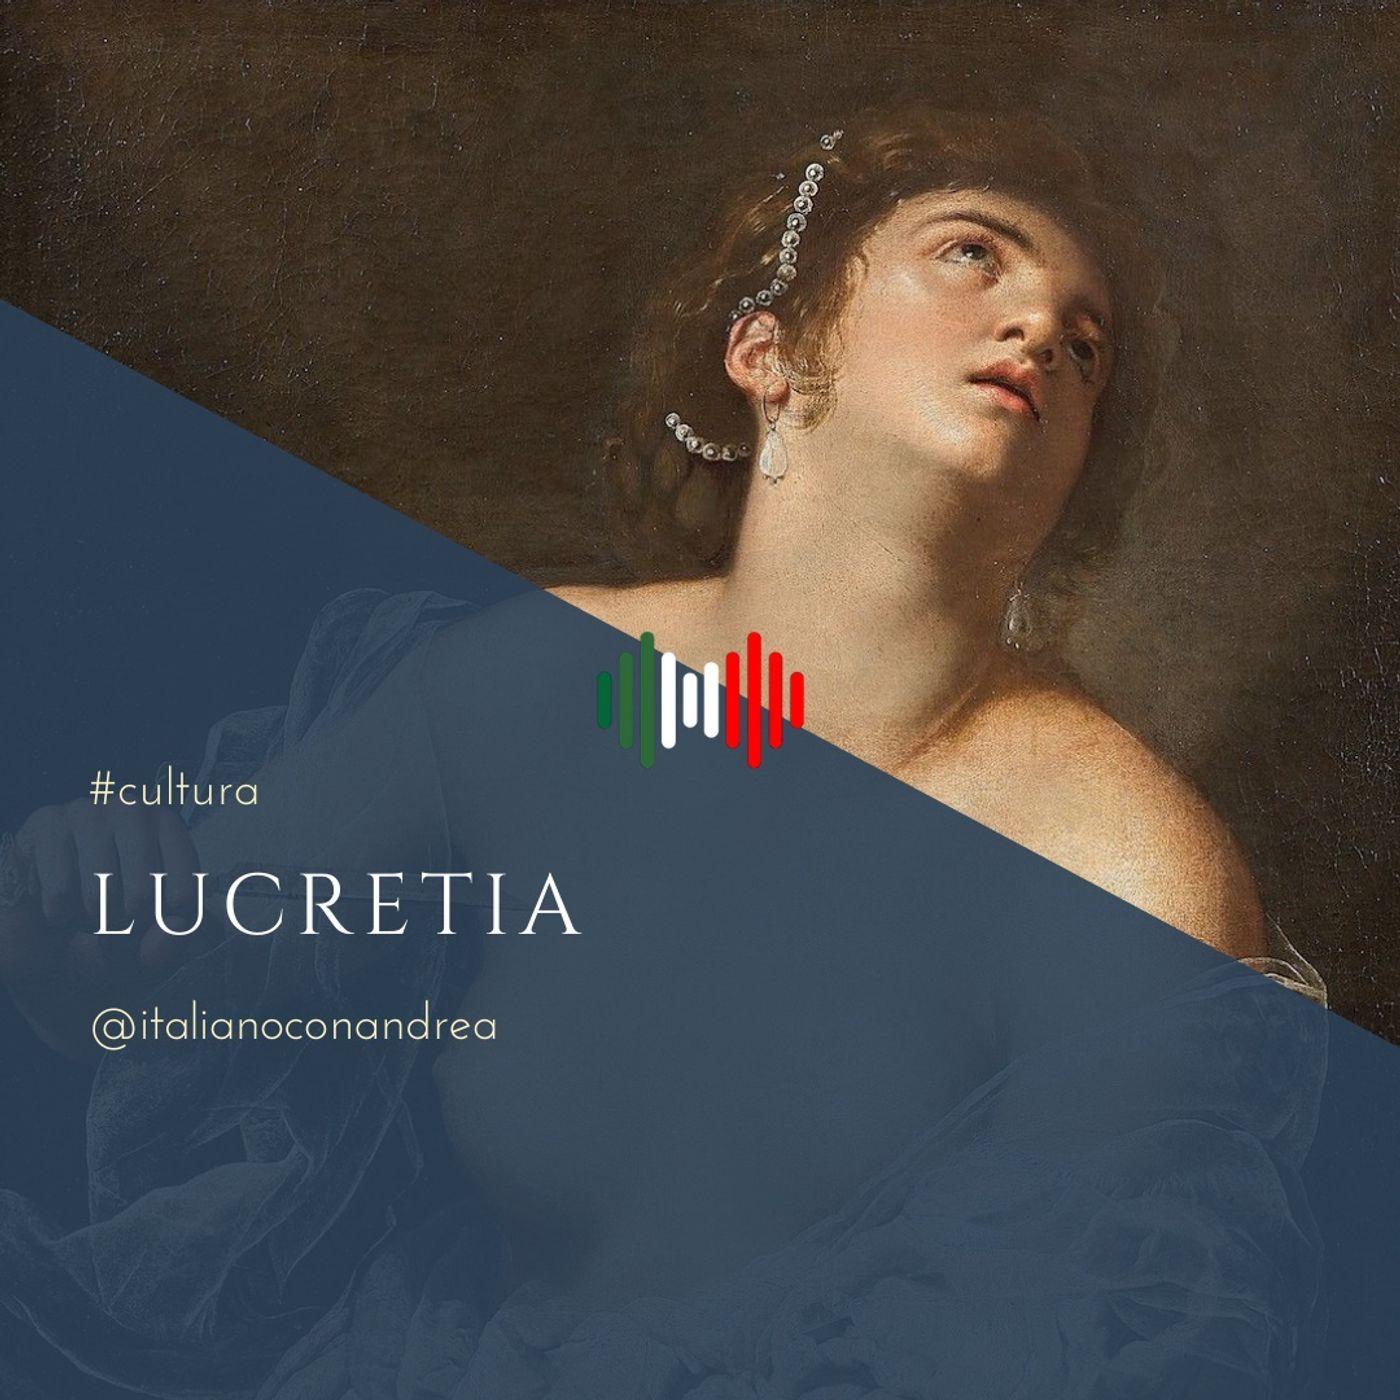 274. CULTURA: Lucretia